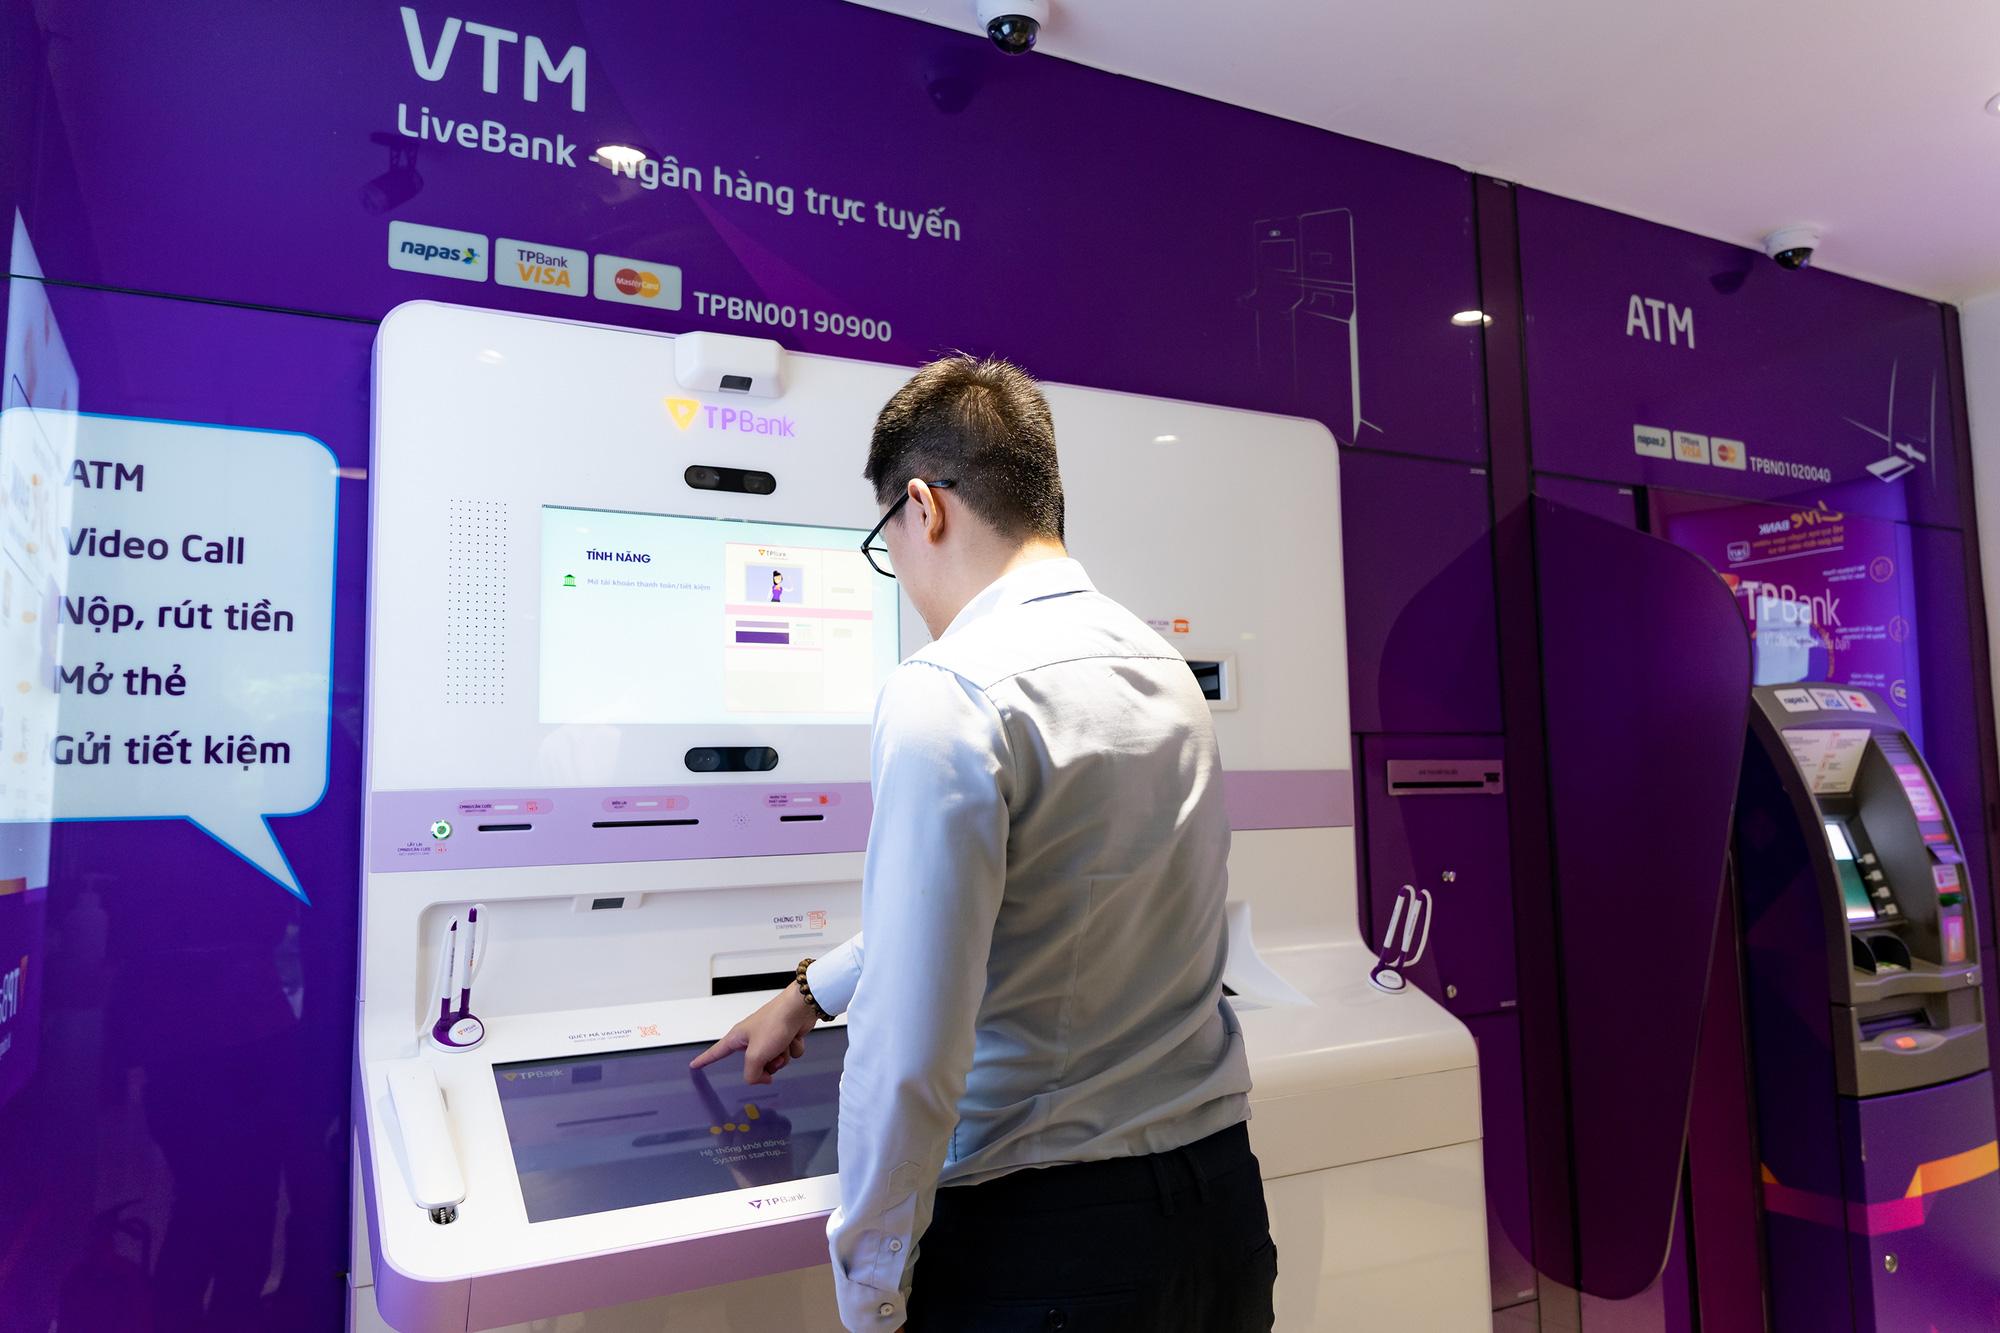 Một lần giao dịch là nhớ nhau cả đời - Khi công nghệ giúp khách hàng hứng thú với mọi dịch vụ ngân hàng - Ảnh 2.